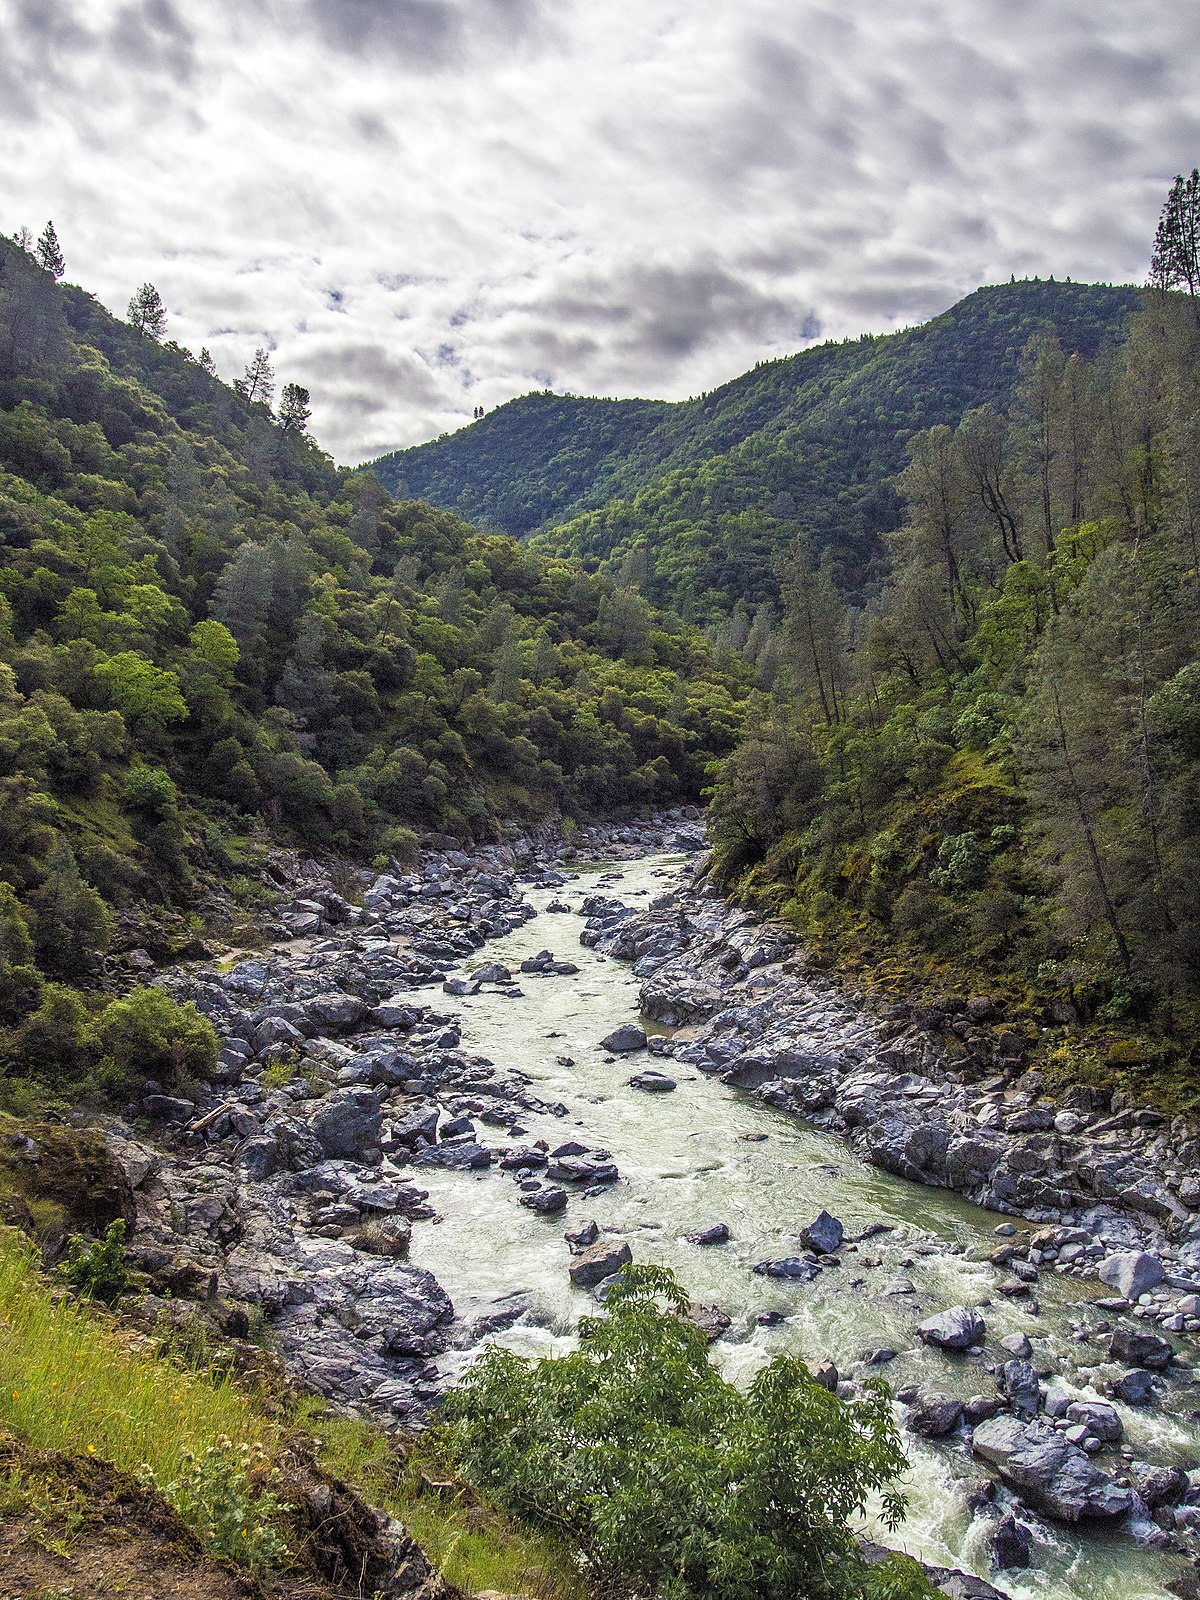 Yuba River - Wikipedia